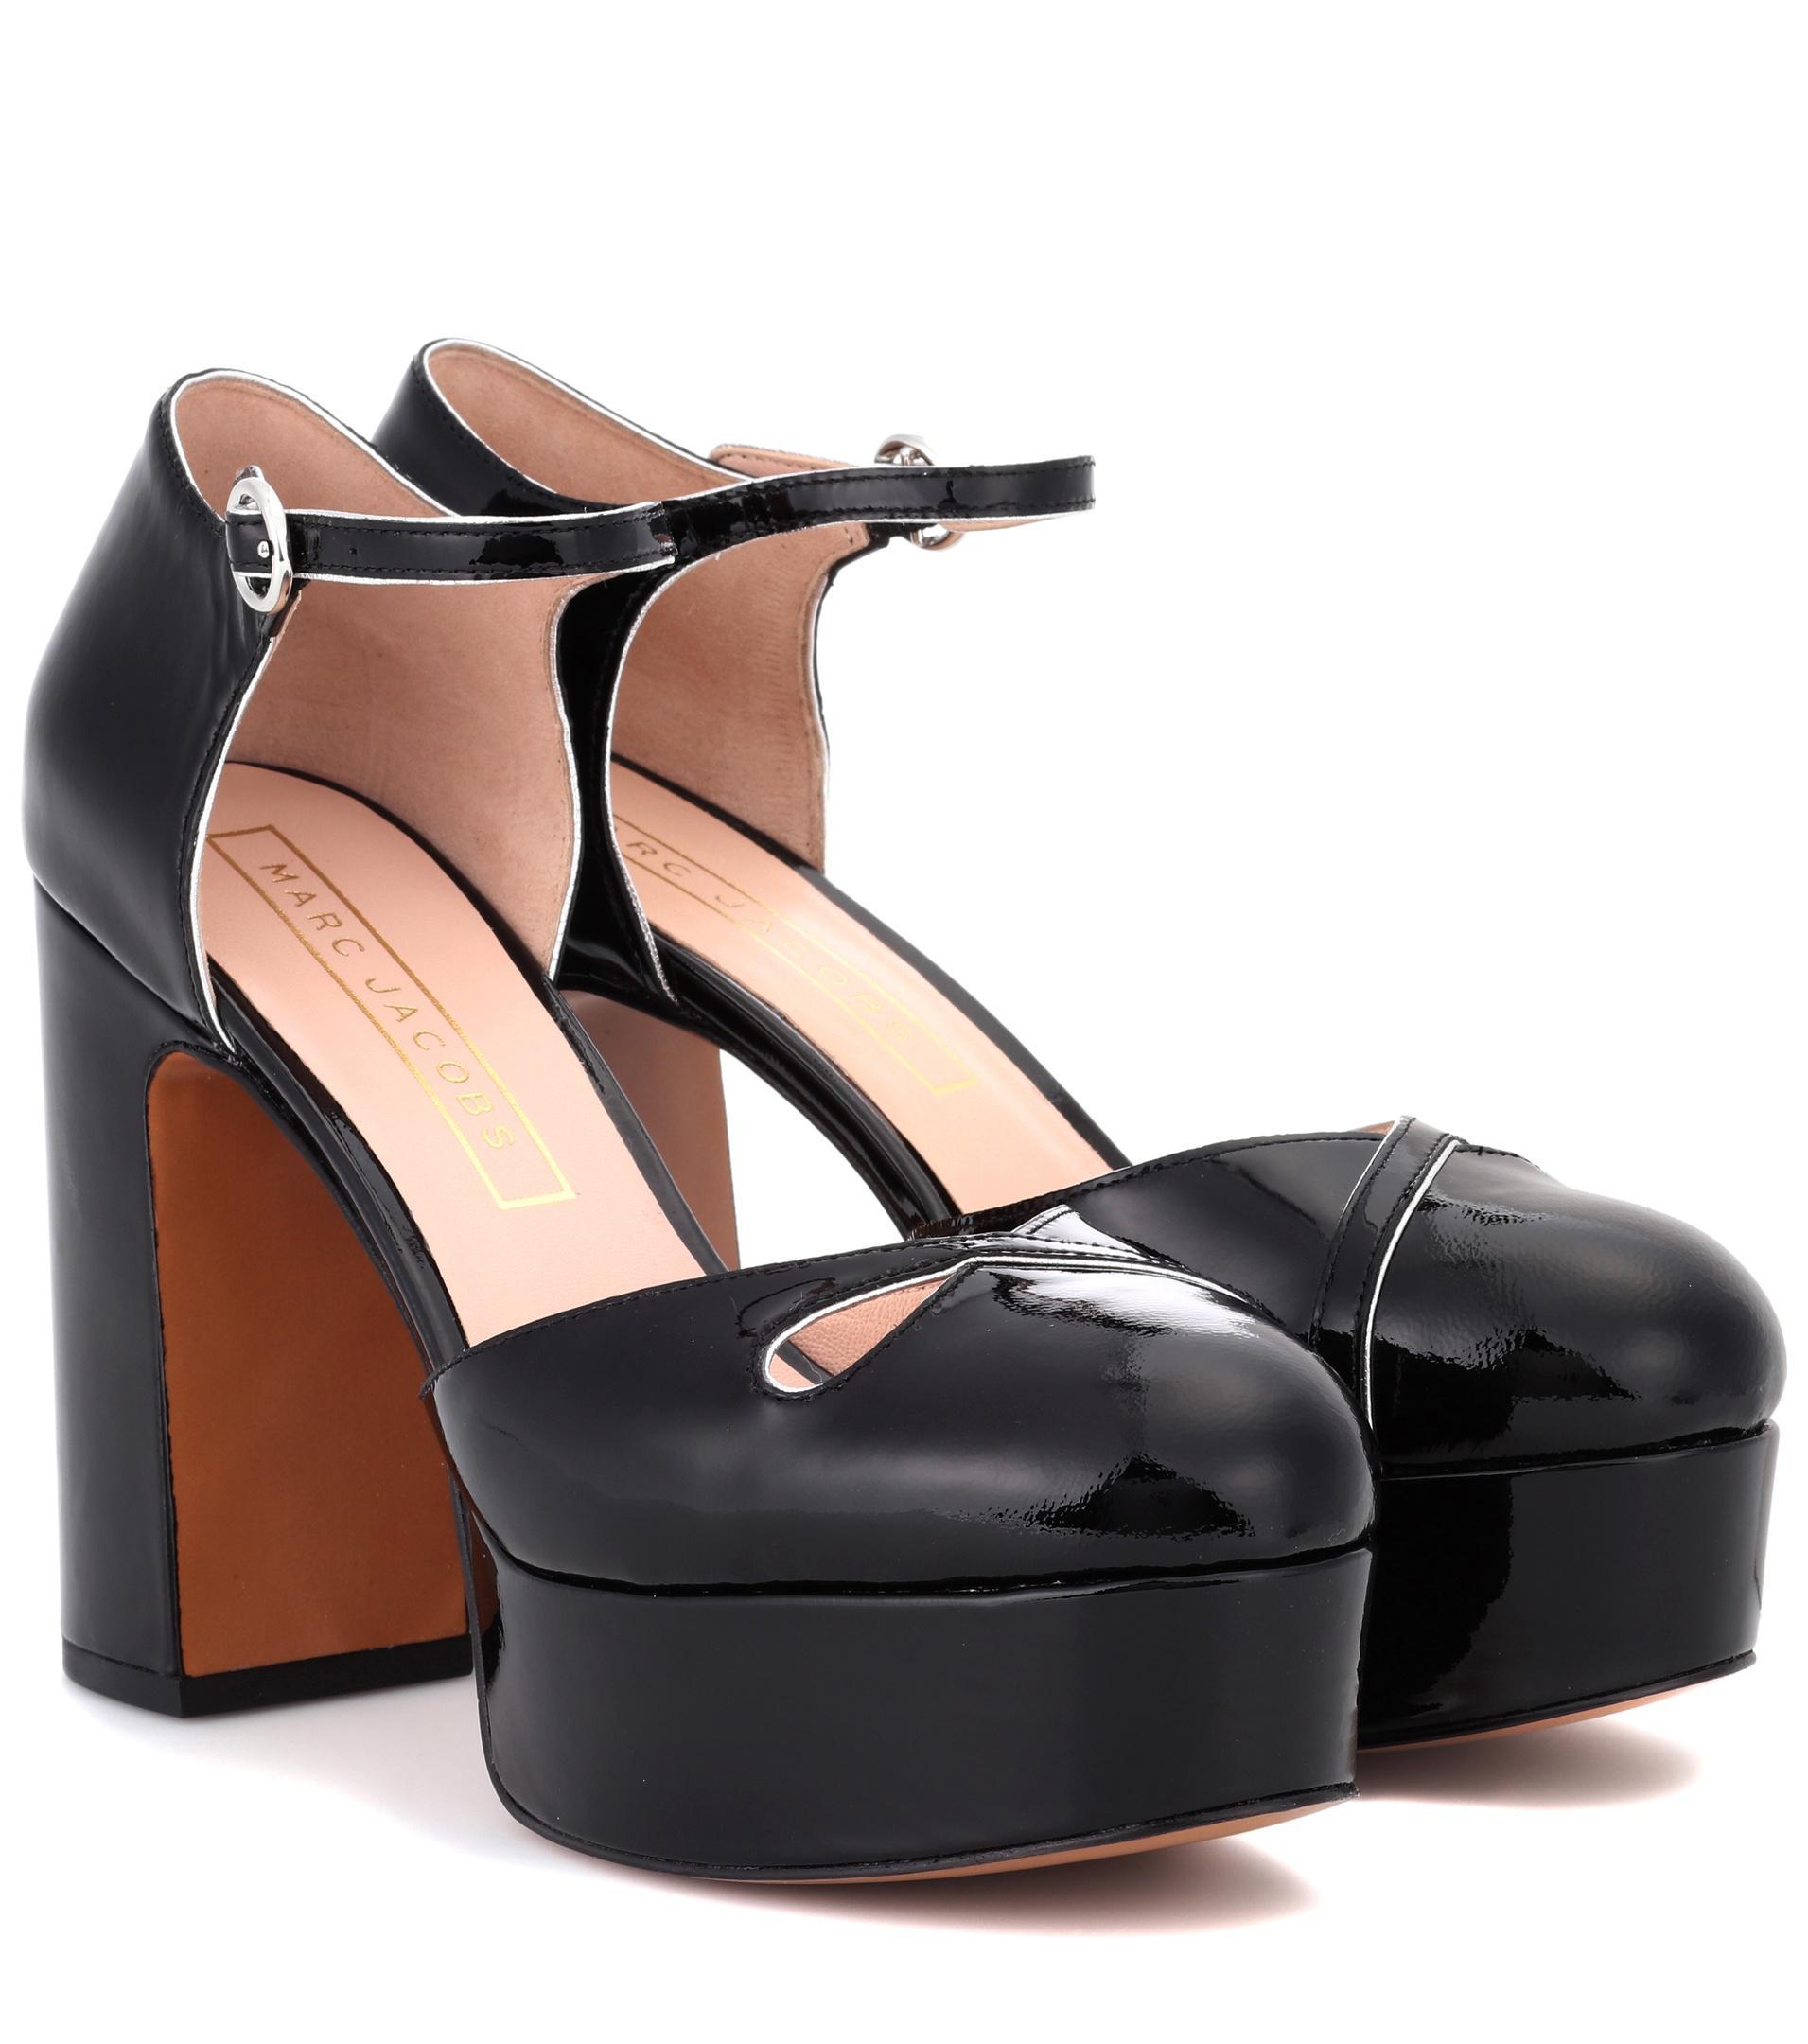 Marc Jacobs Patent leather plateau pumps c9KPAt